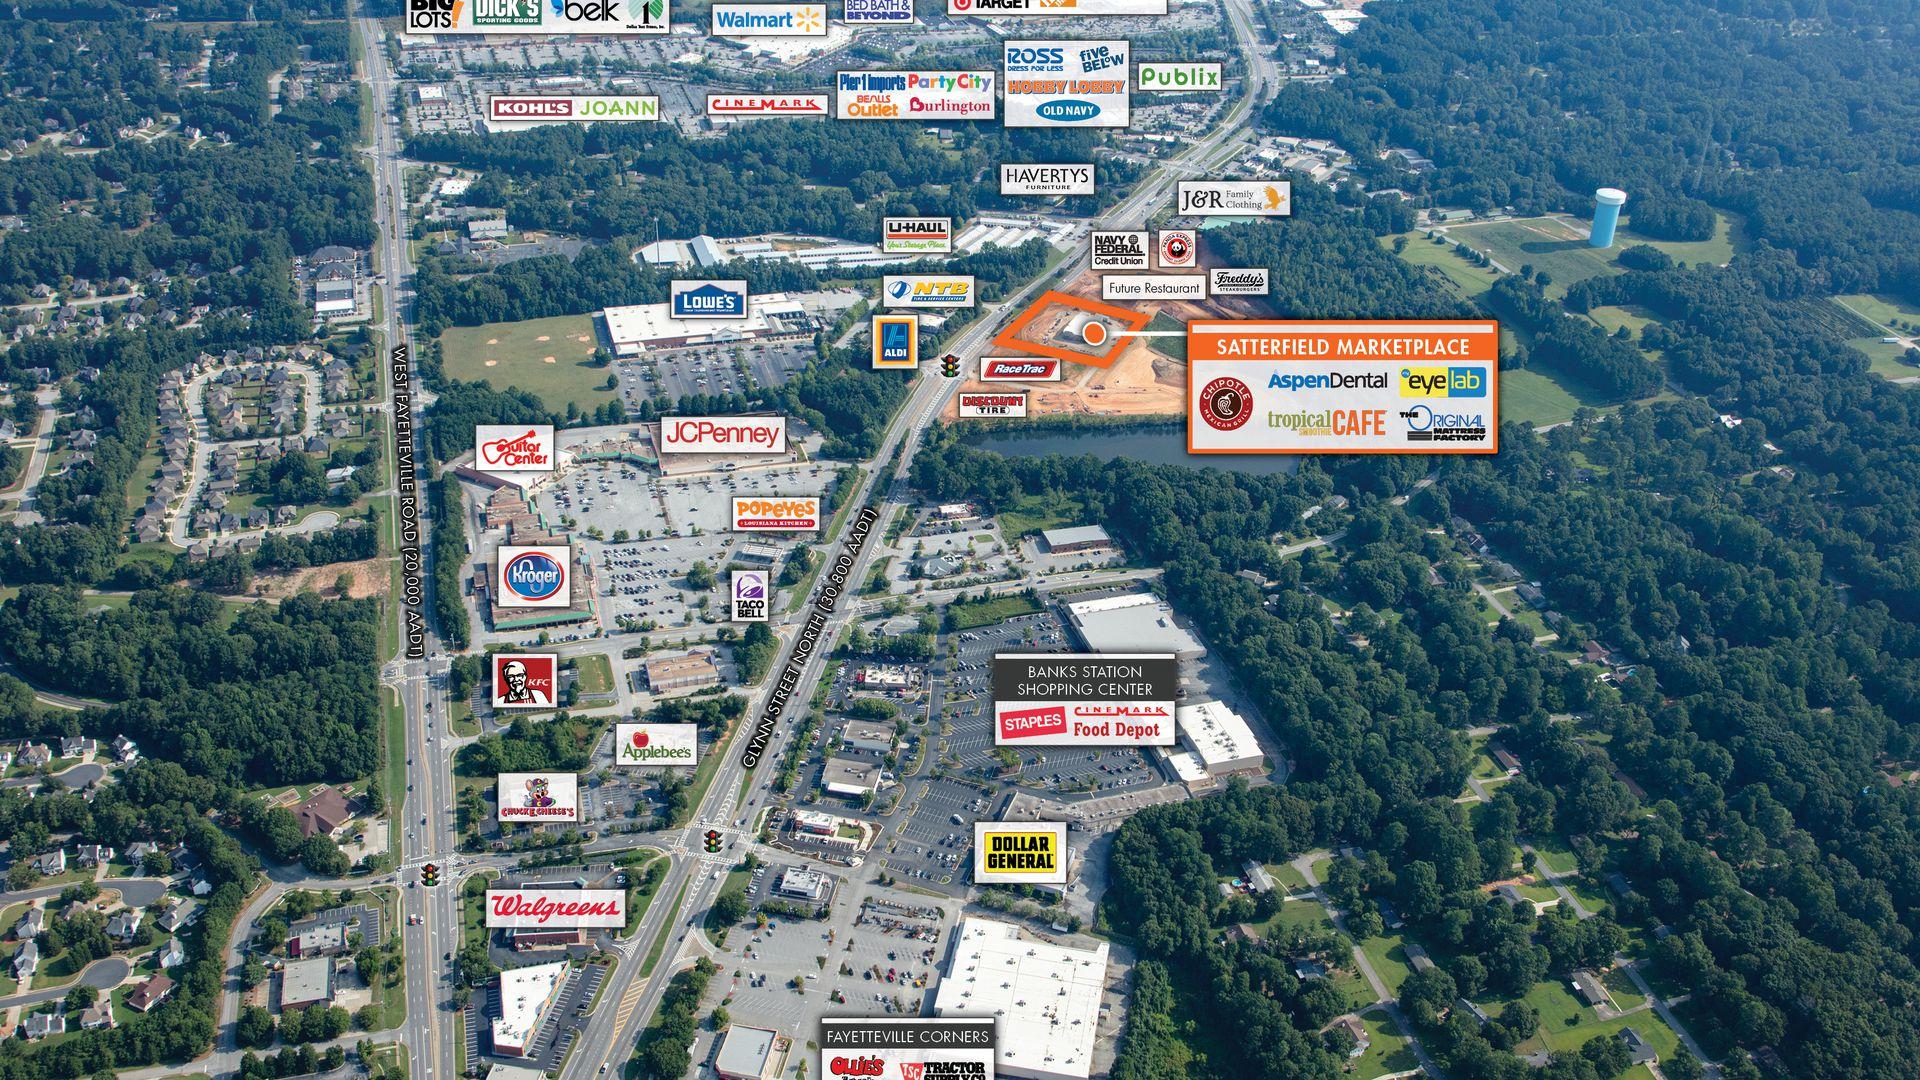 1135 Ga 85 N Fayetteville Ga 30214 United States Retail Brevitas